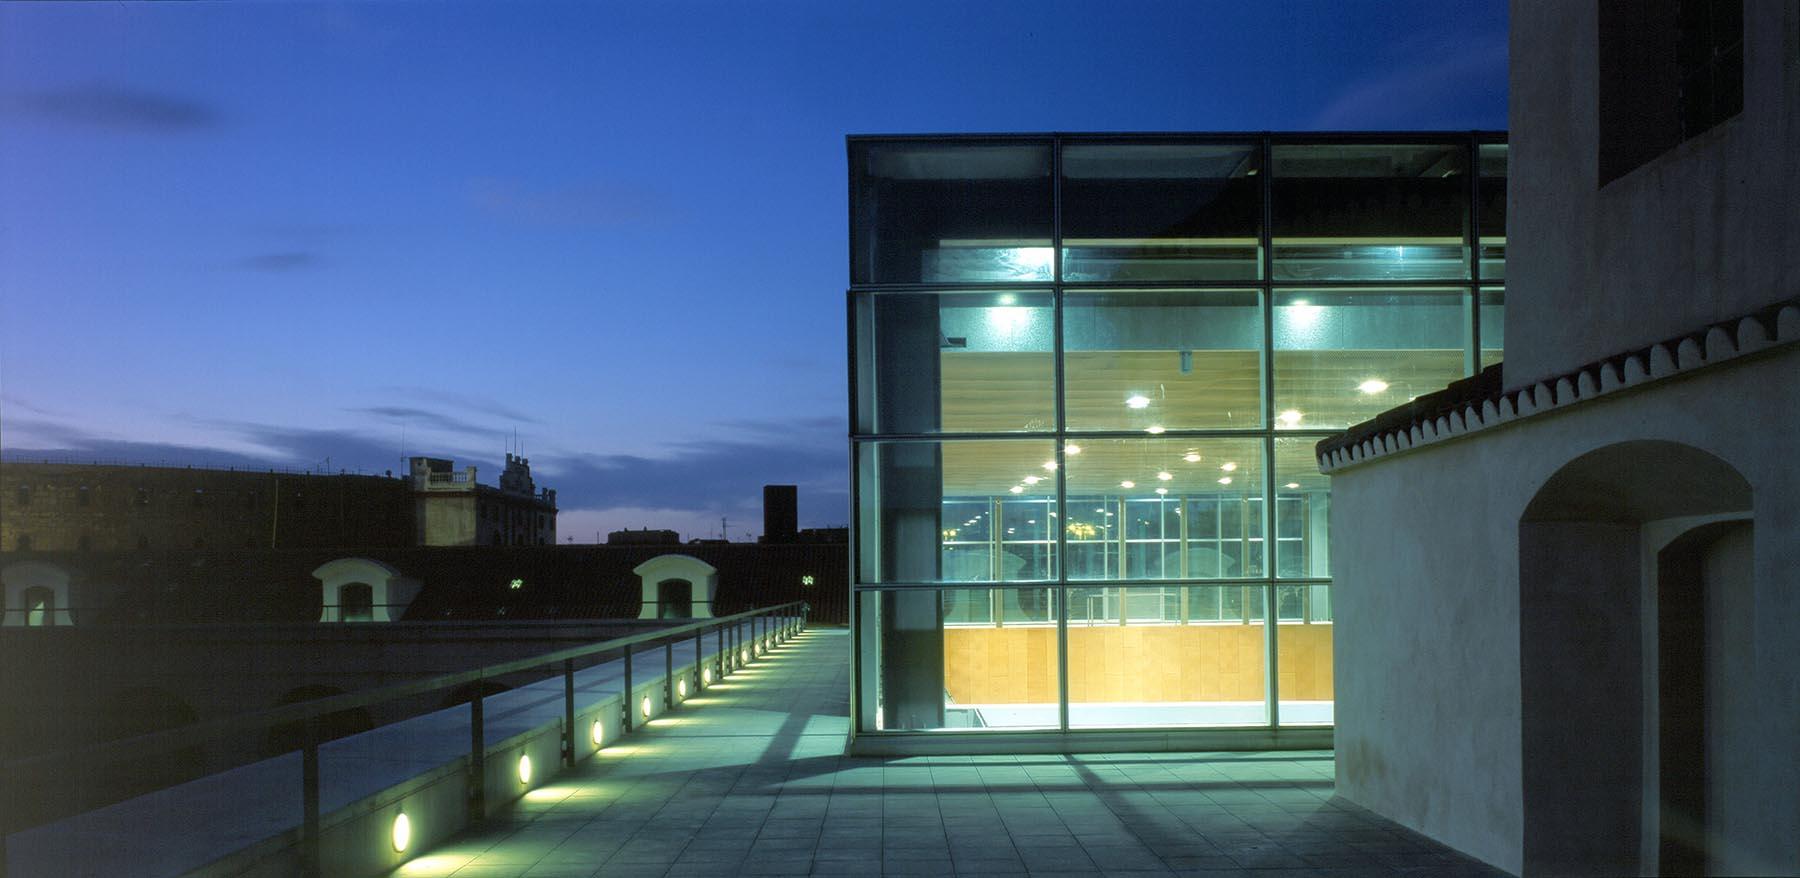 Martin lejarraga arquitecto rehabilitaci n del hospital Arquitectura politecnica